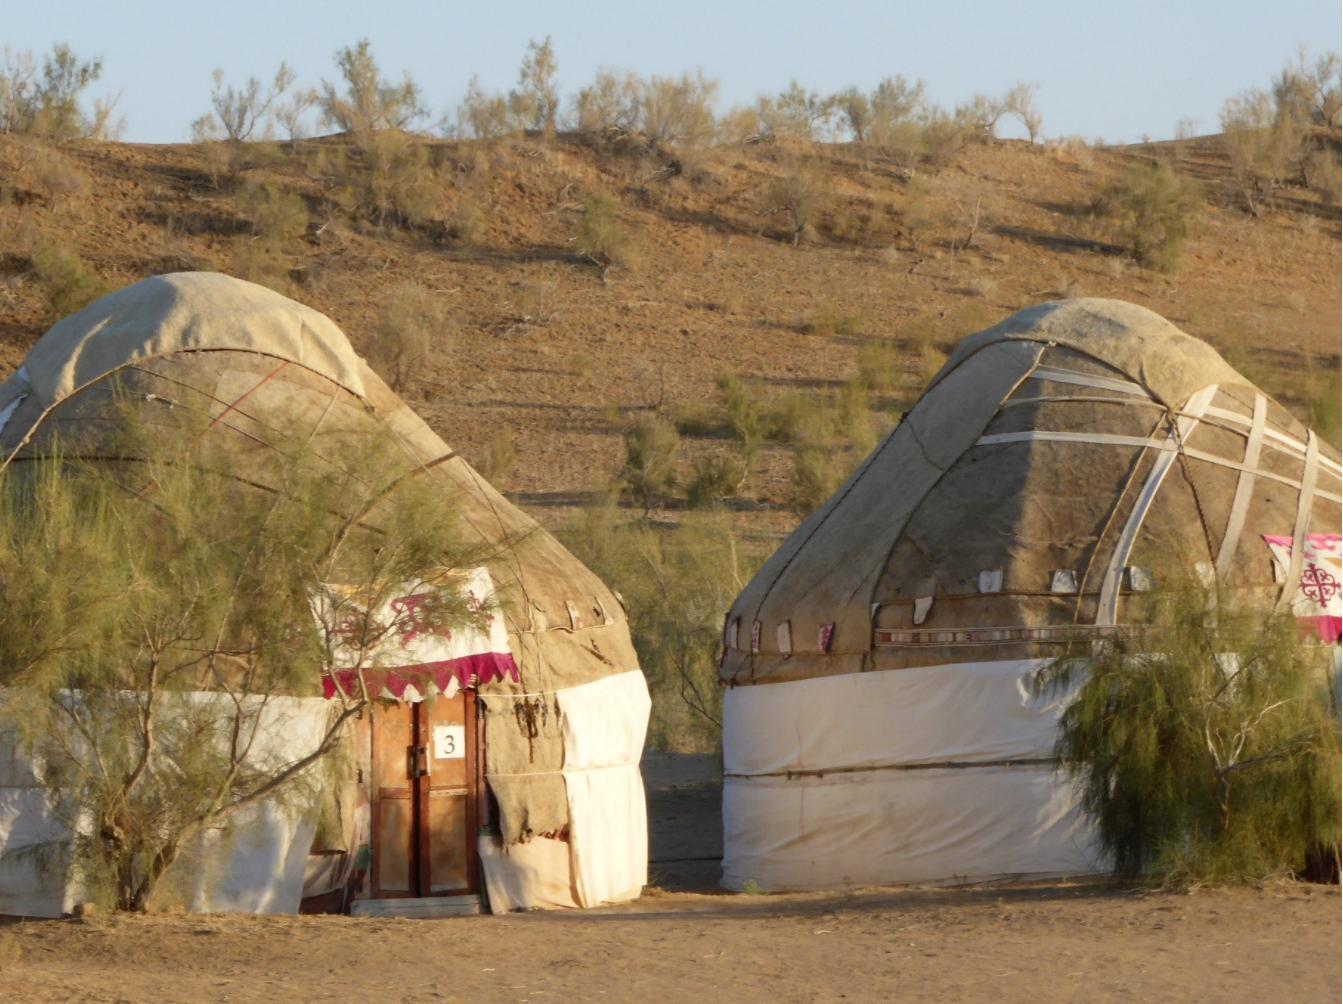 safari_yurt_camp_6.jpg